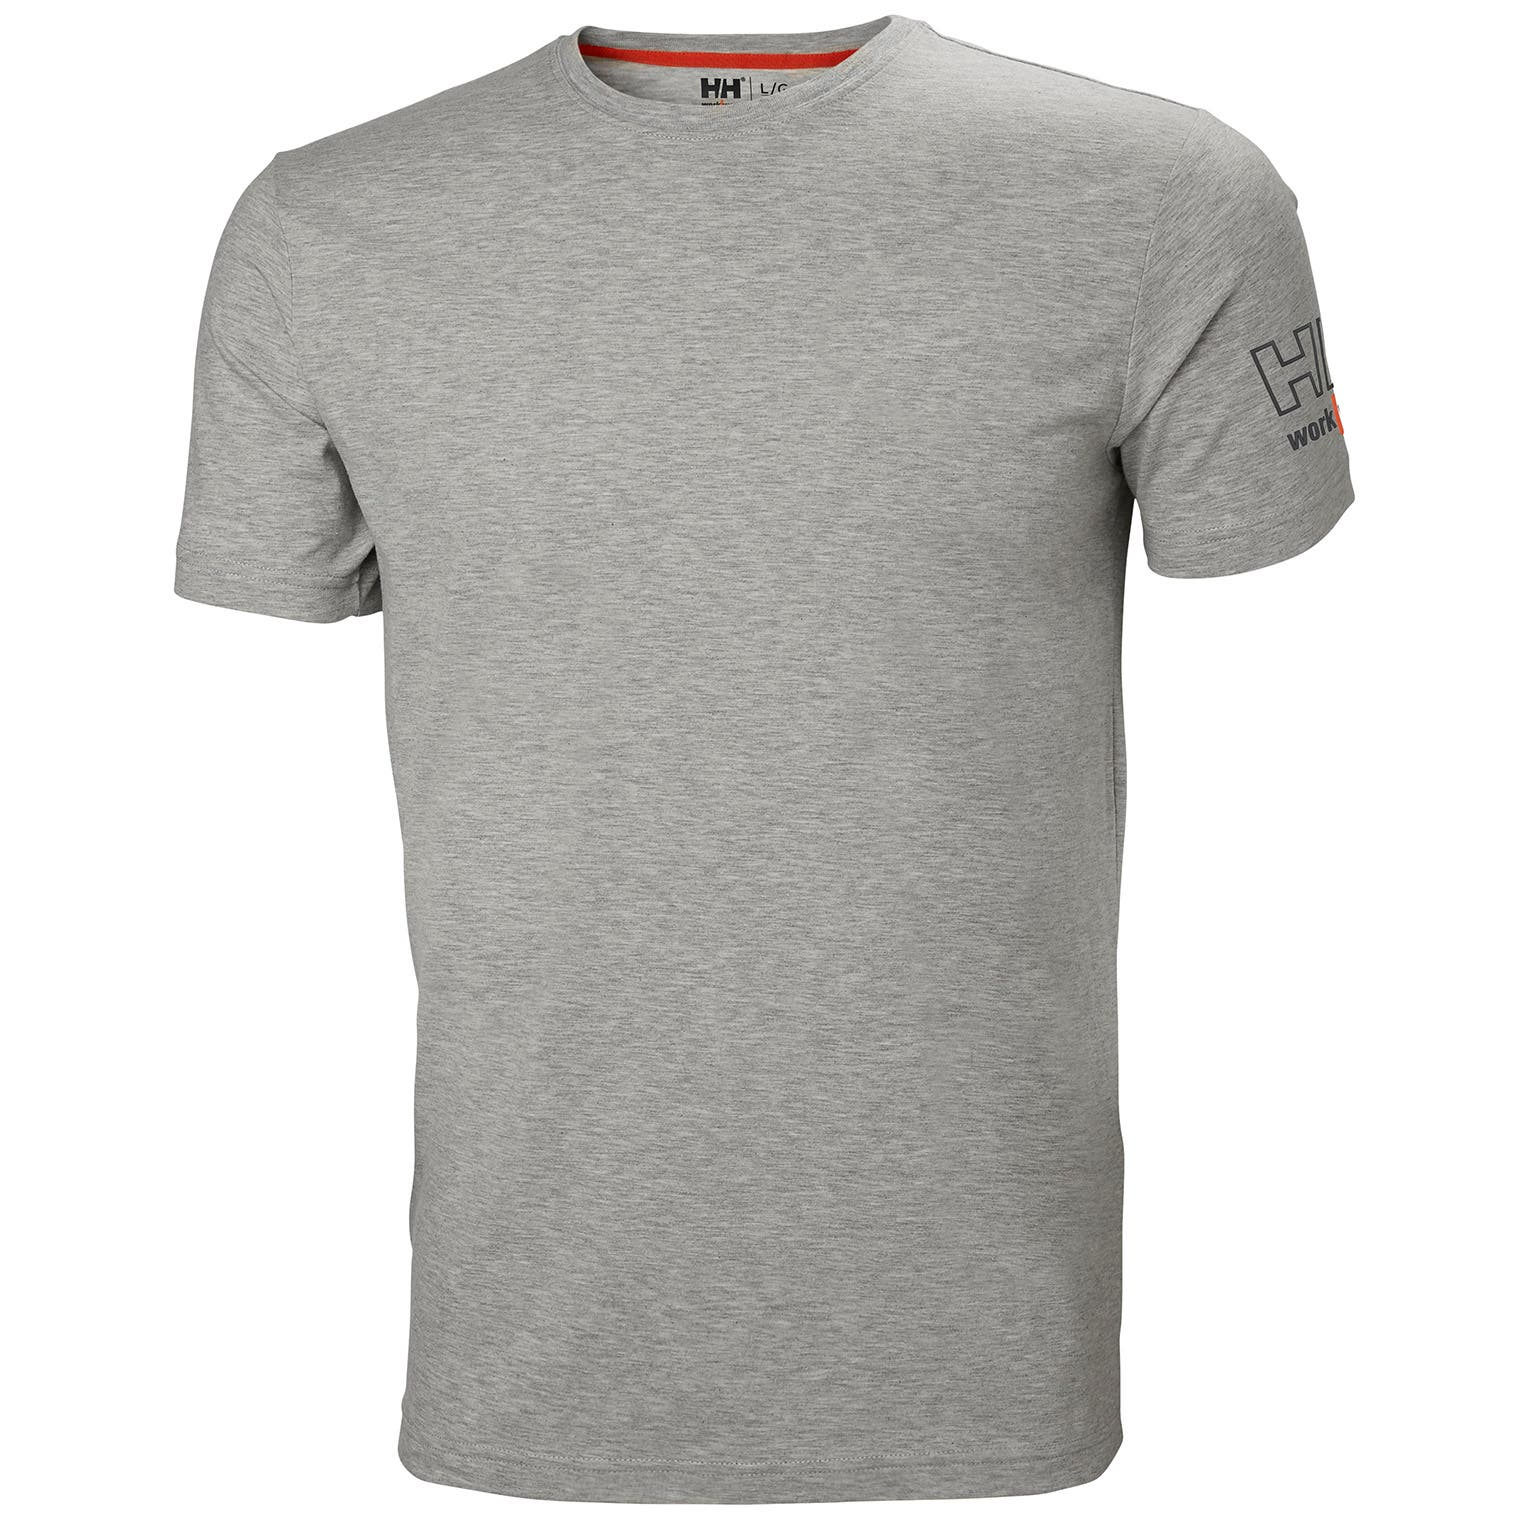 Helly Hansen Kensington tričko šedé